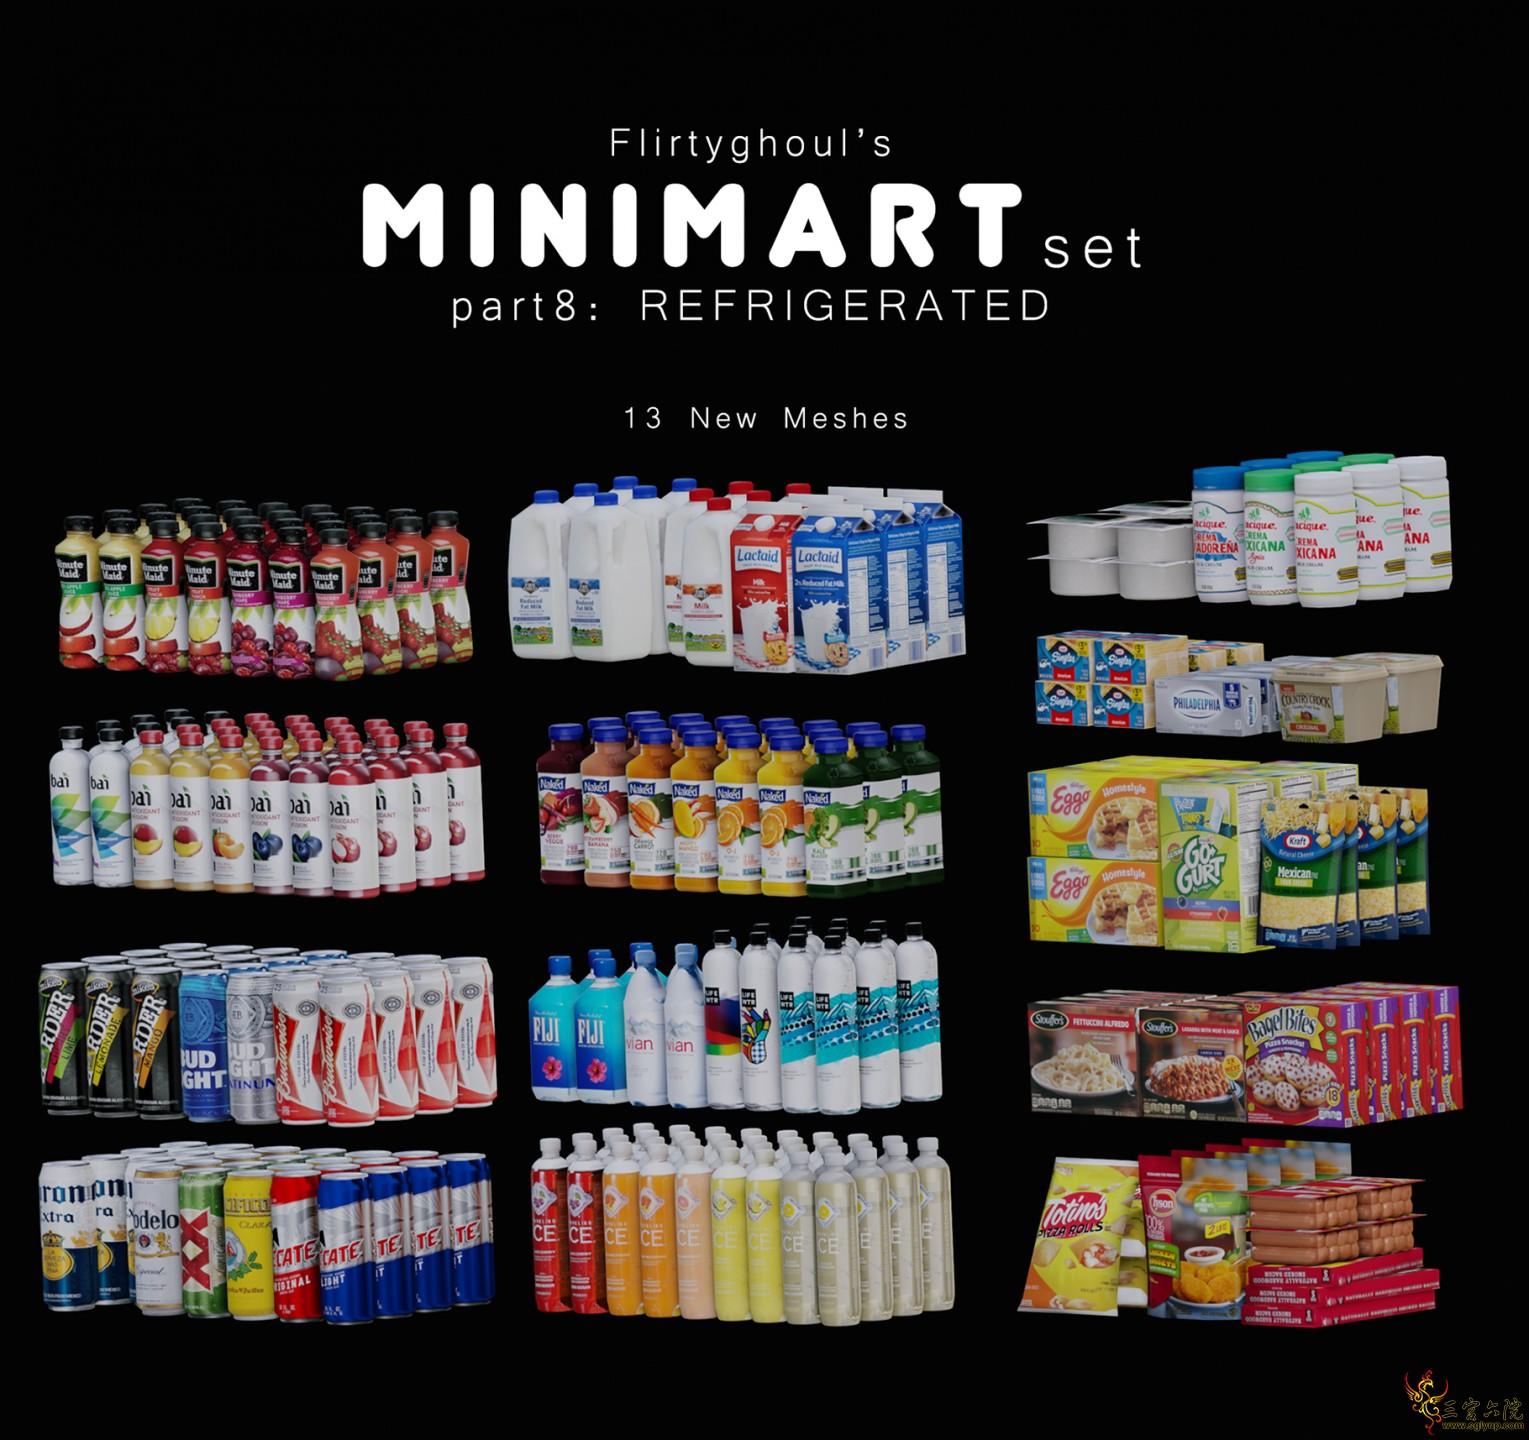 FG_Minimart_PART8_REFRIGERATEDSET_prev2.png